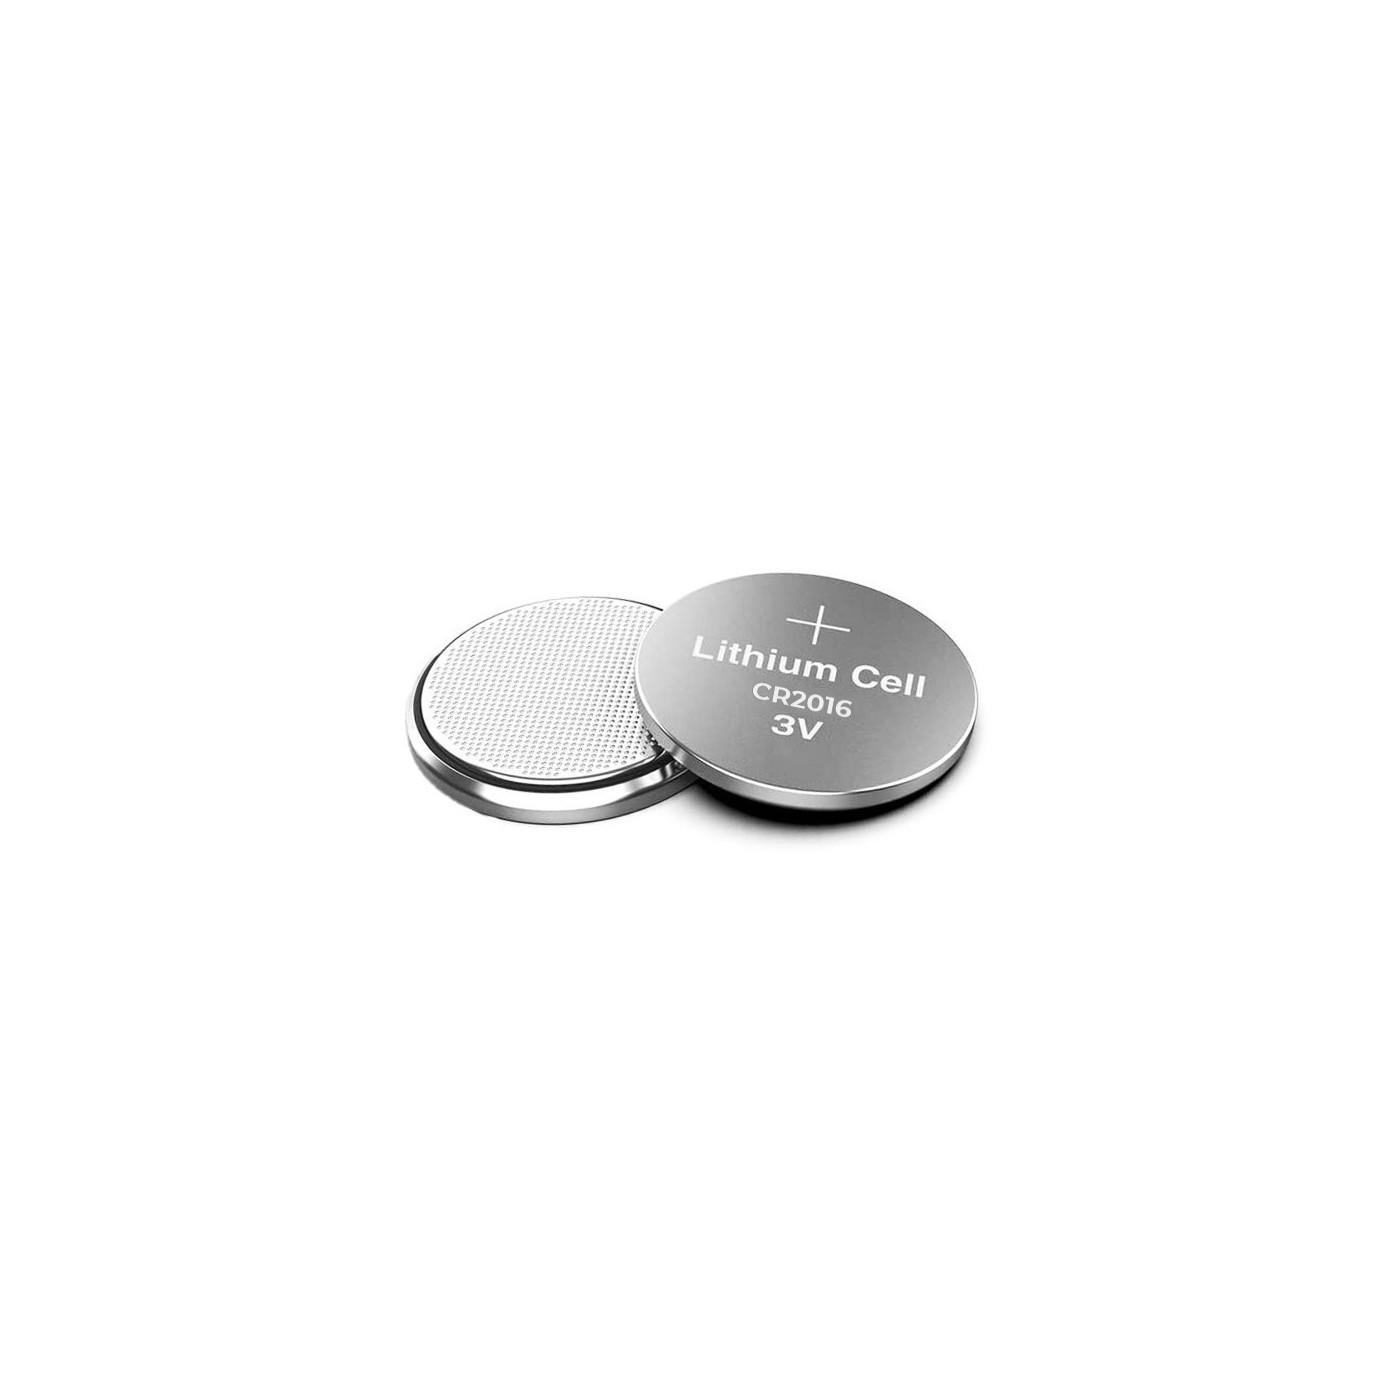 Lot de 5 piles CR2016 (piles bouton, 3V)